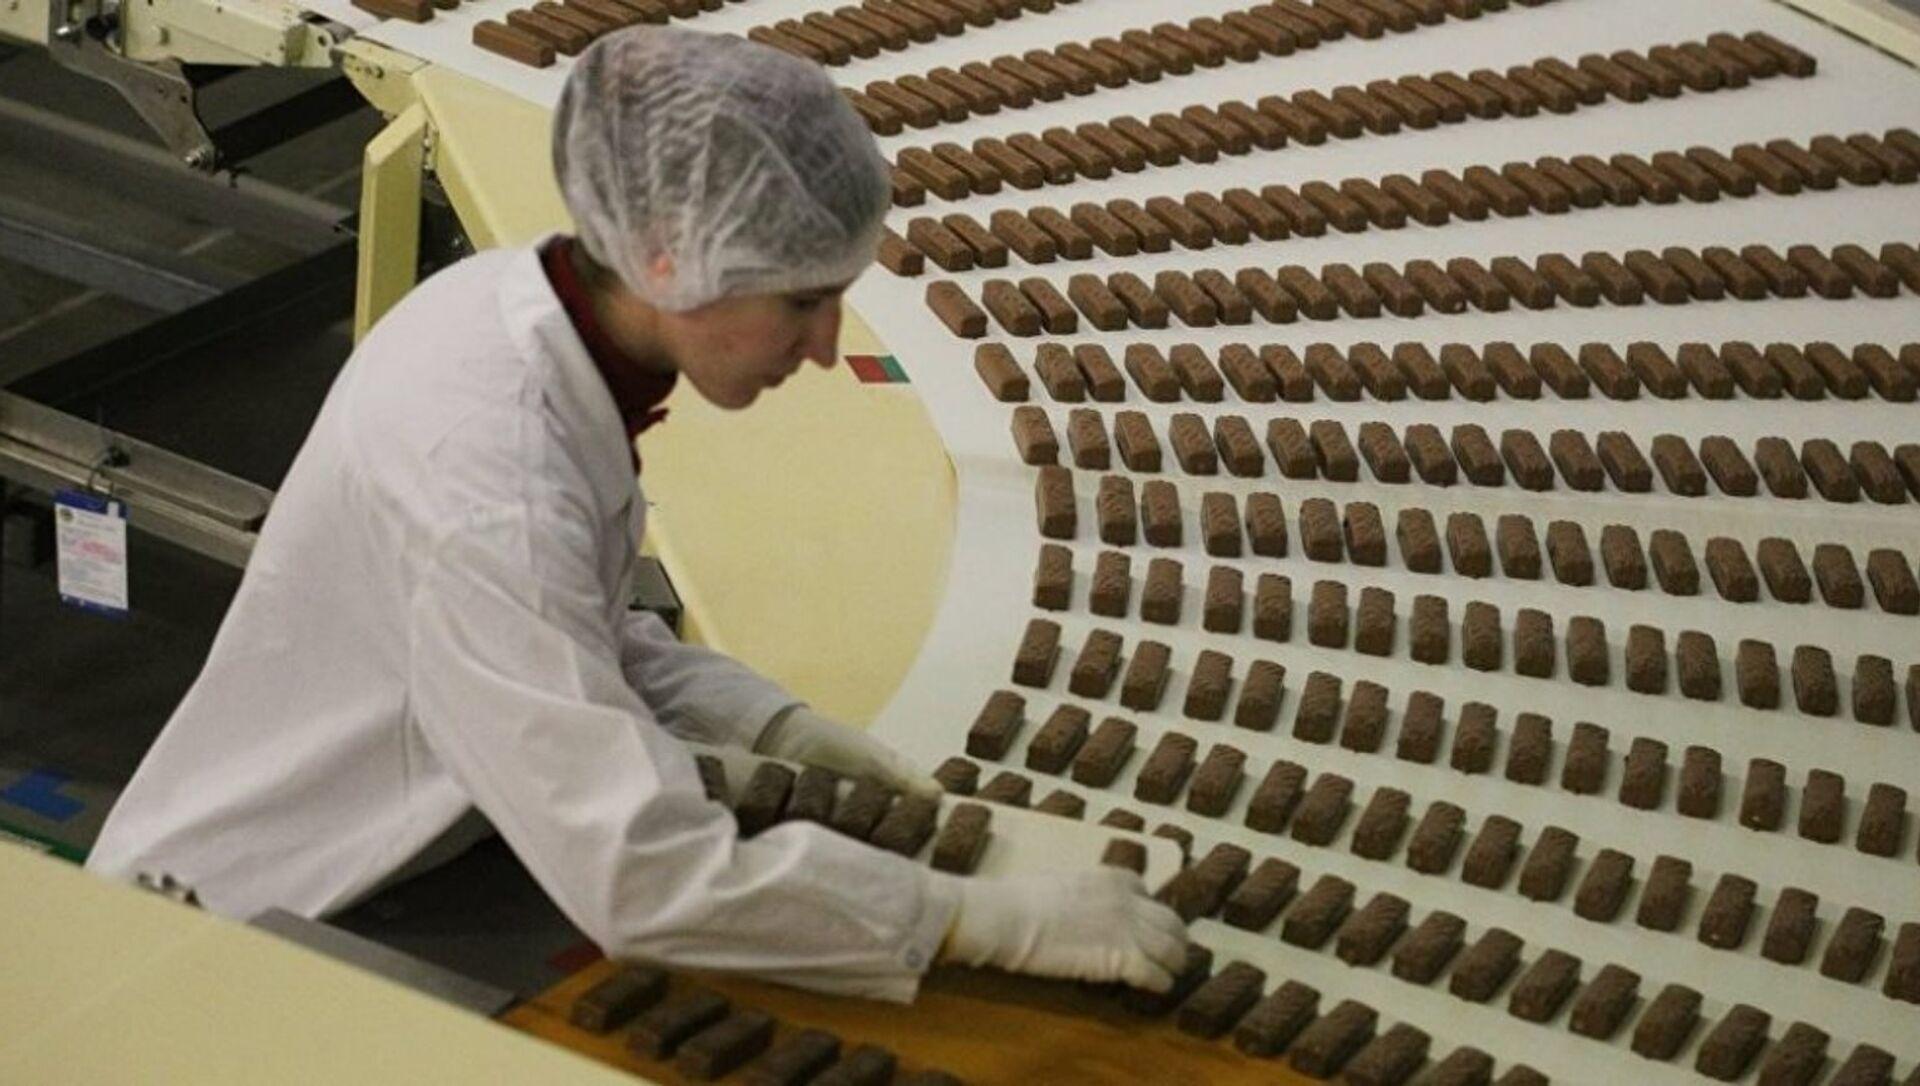 Çikolata fabrikası - Sputnik Türkiye, 1920, 22.04.2021